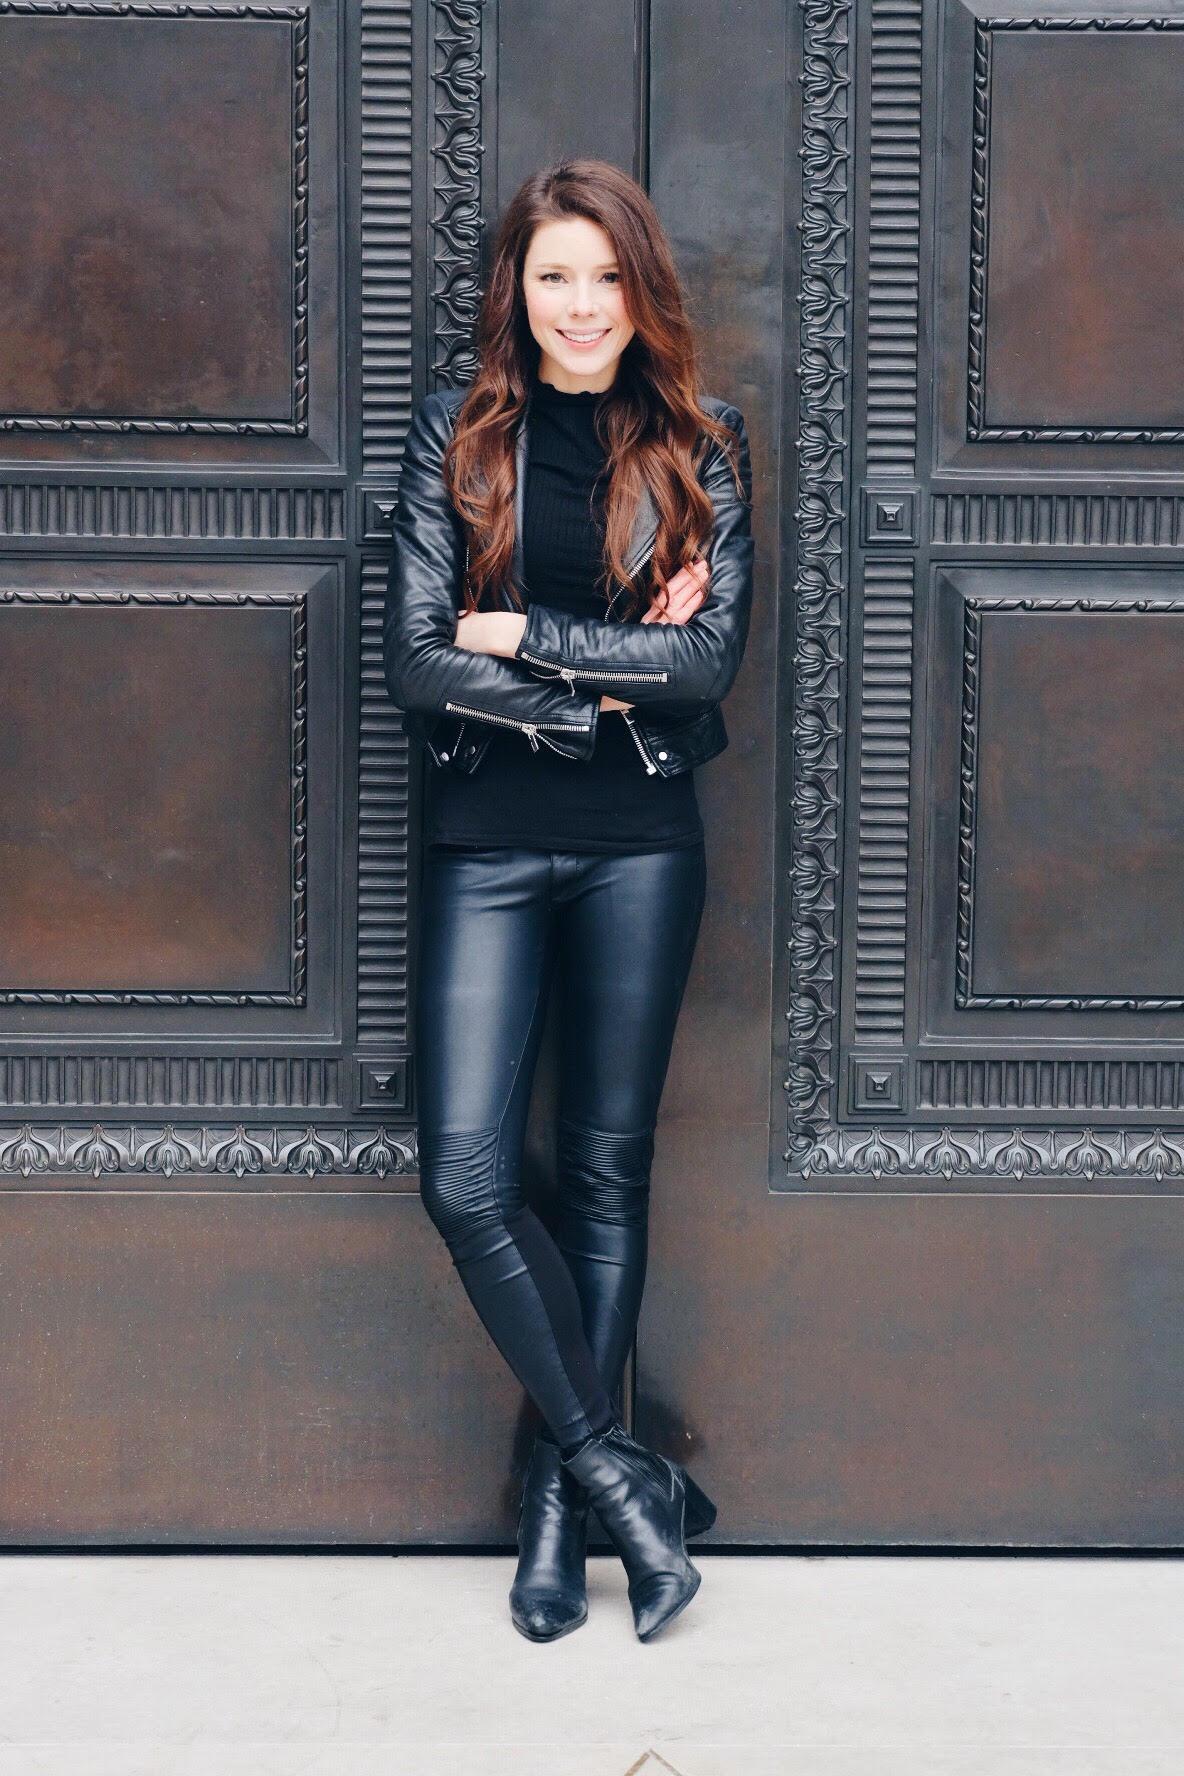 Magdalena_Sverlander_Interview_ Actress_London_Swedes_2